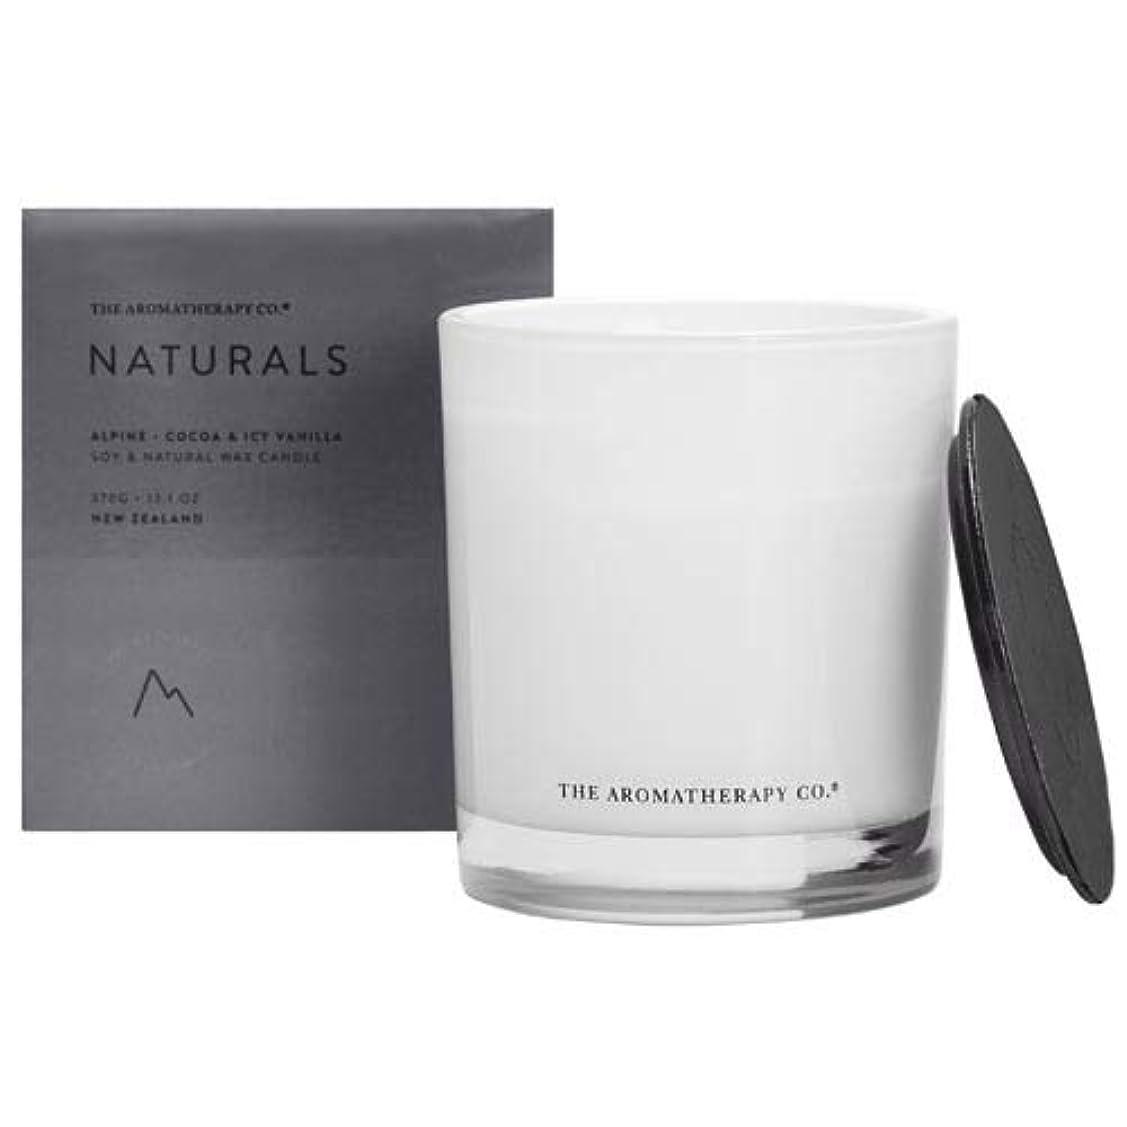 叫ぶ危険を冒しますモーションアロマセラピーカンパニー(Aromatherapy Company) new NATURALS ナチュラルズ Candle キャンドル Alpine アルパイン(山) Cocoa & Icy Vanilla ココア&アイシーバニラ